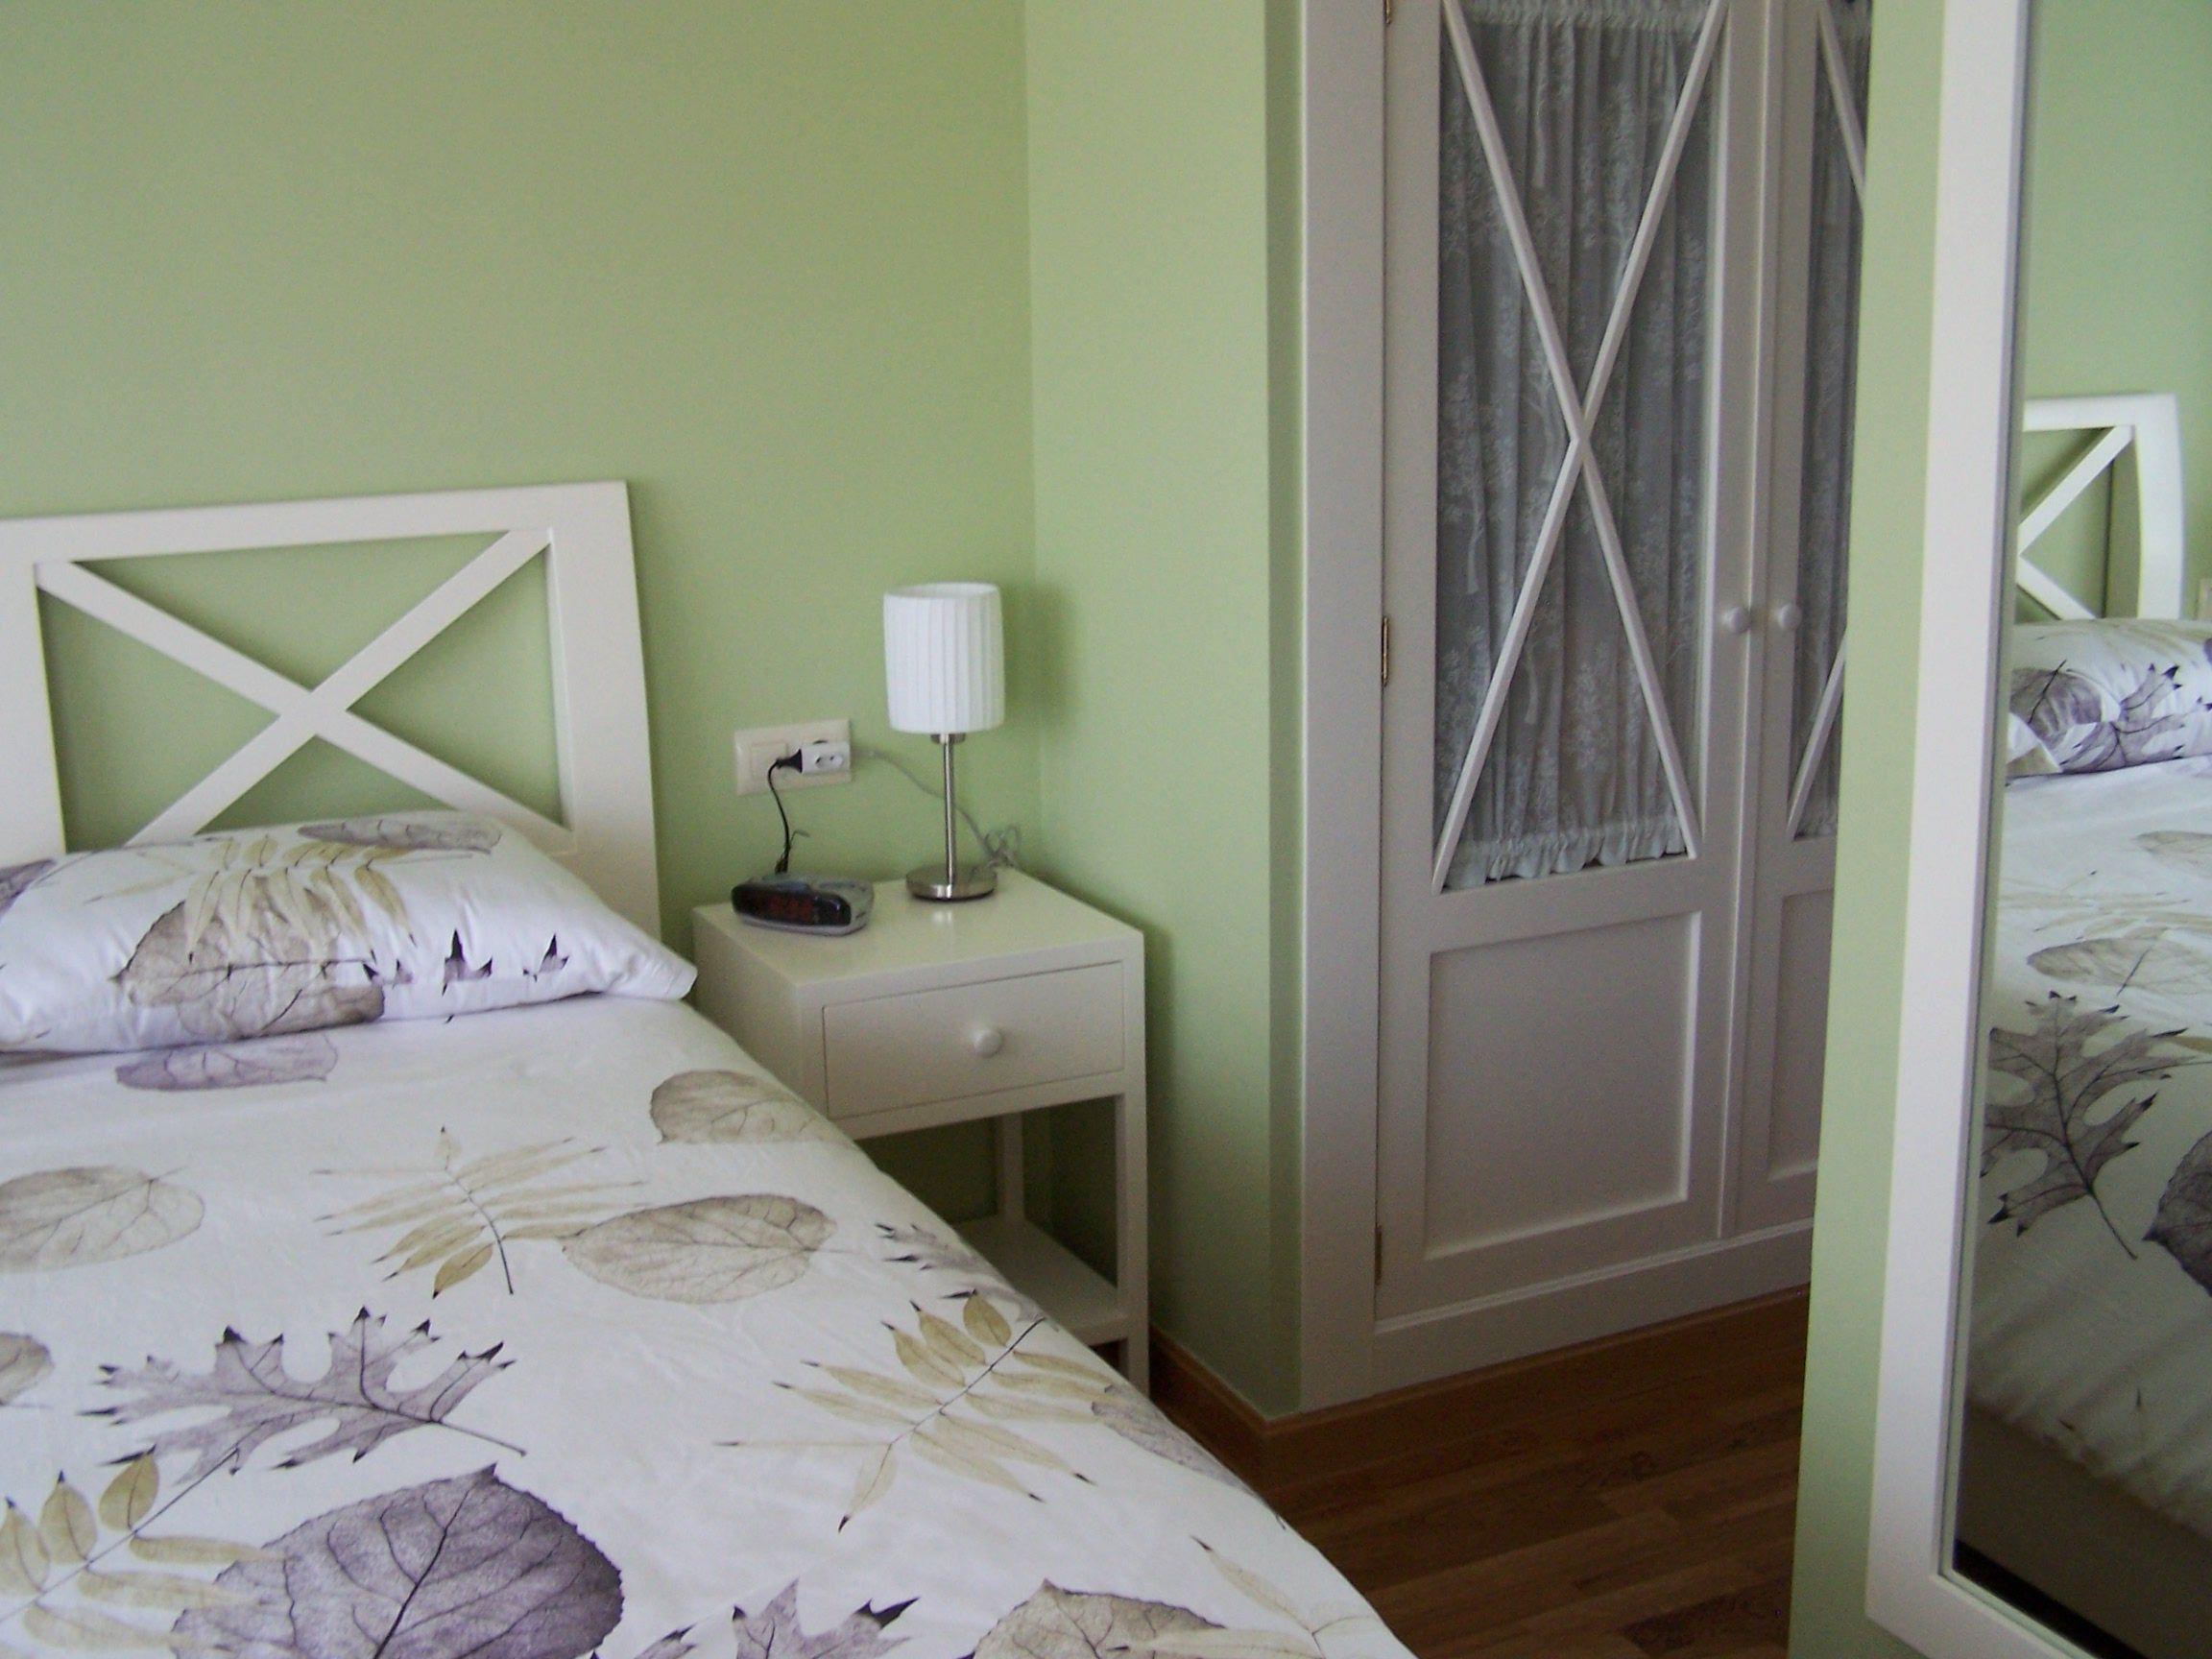 Cabecero mesillas y frente de armario con cruces lacado en blanco roto closet closet - Cabecero y mesillas ...